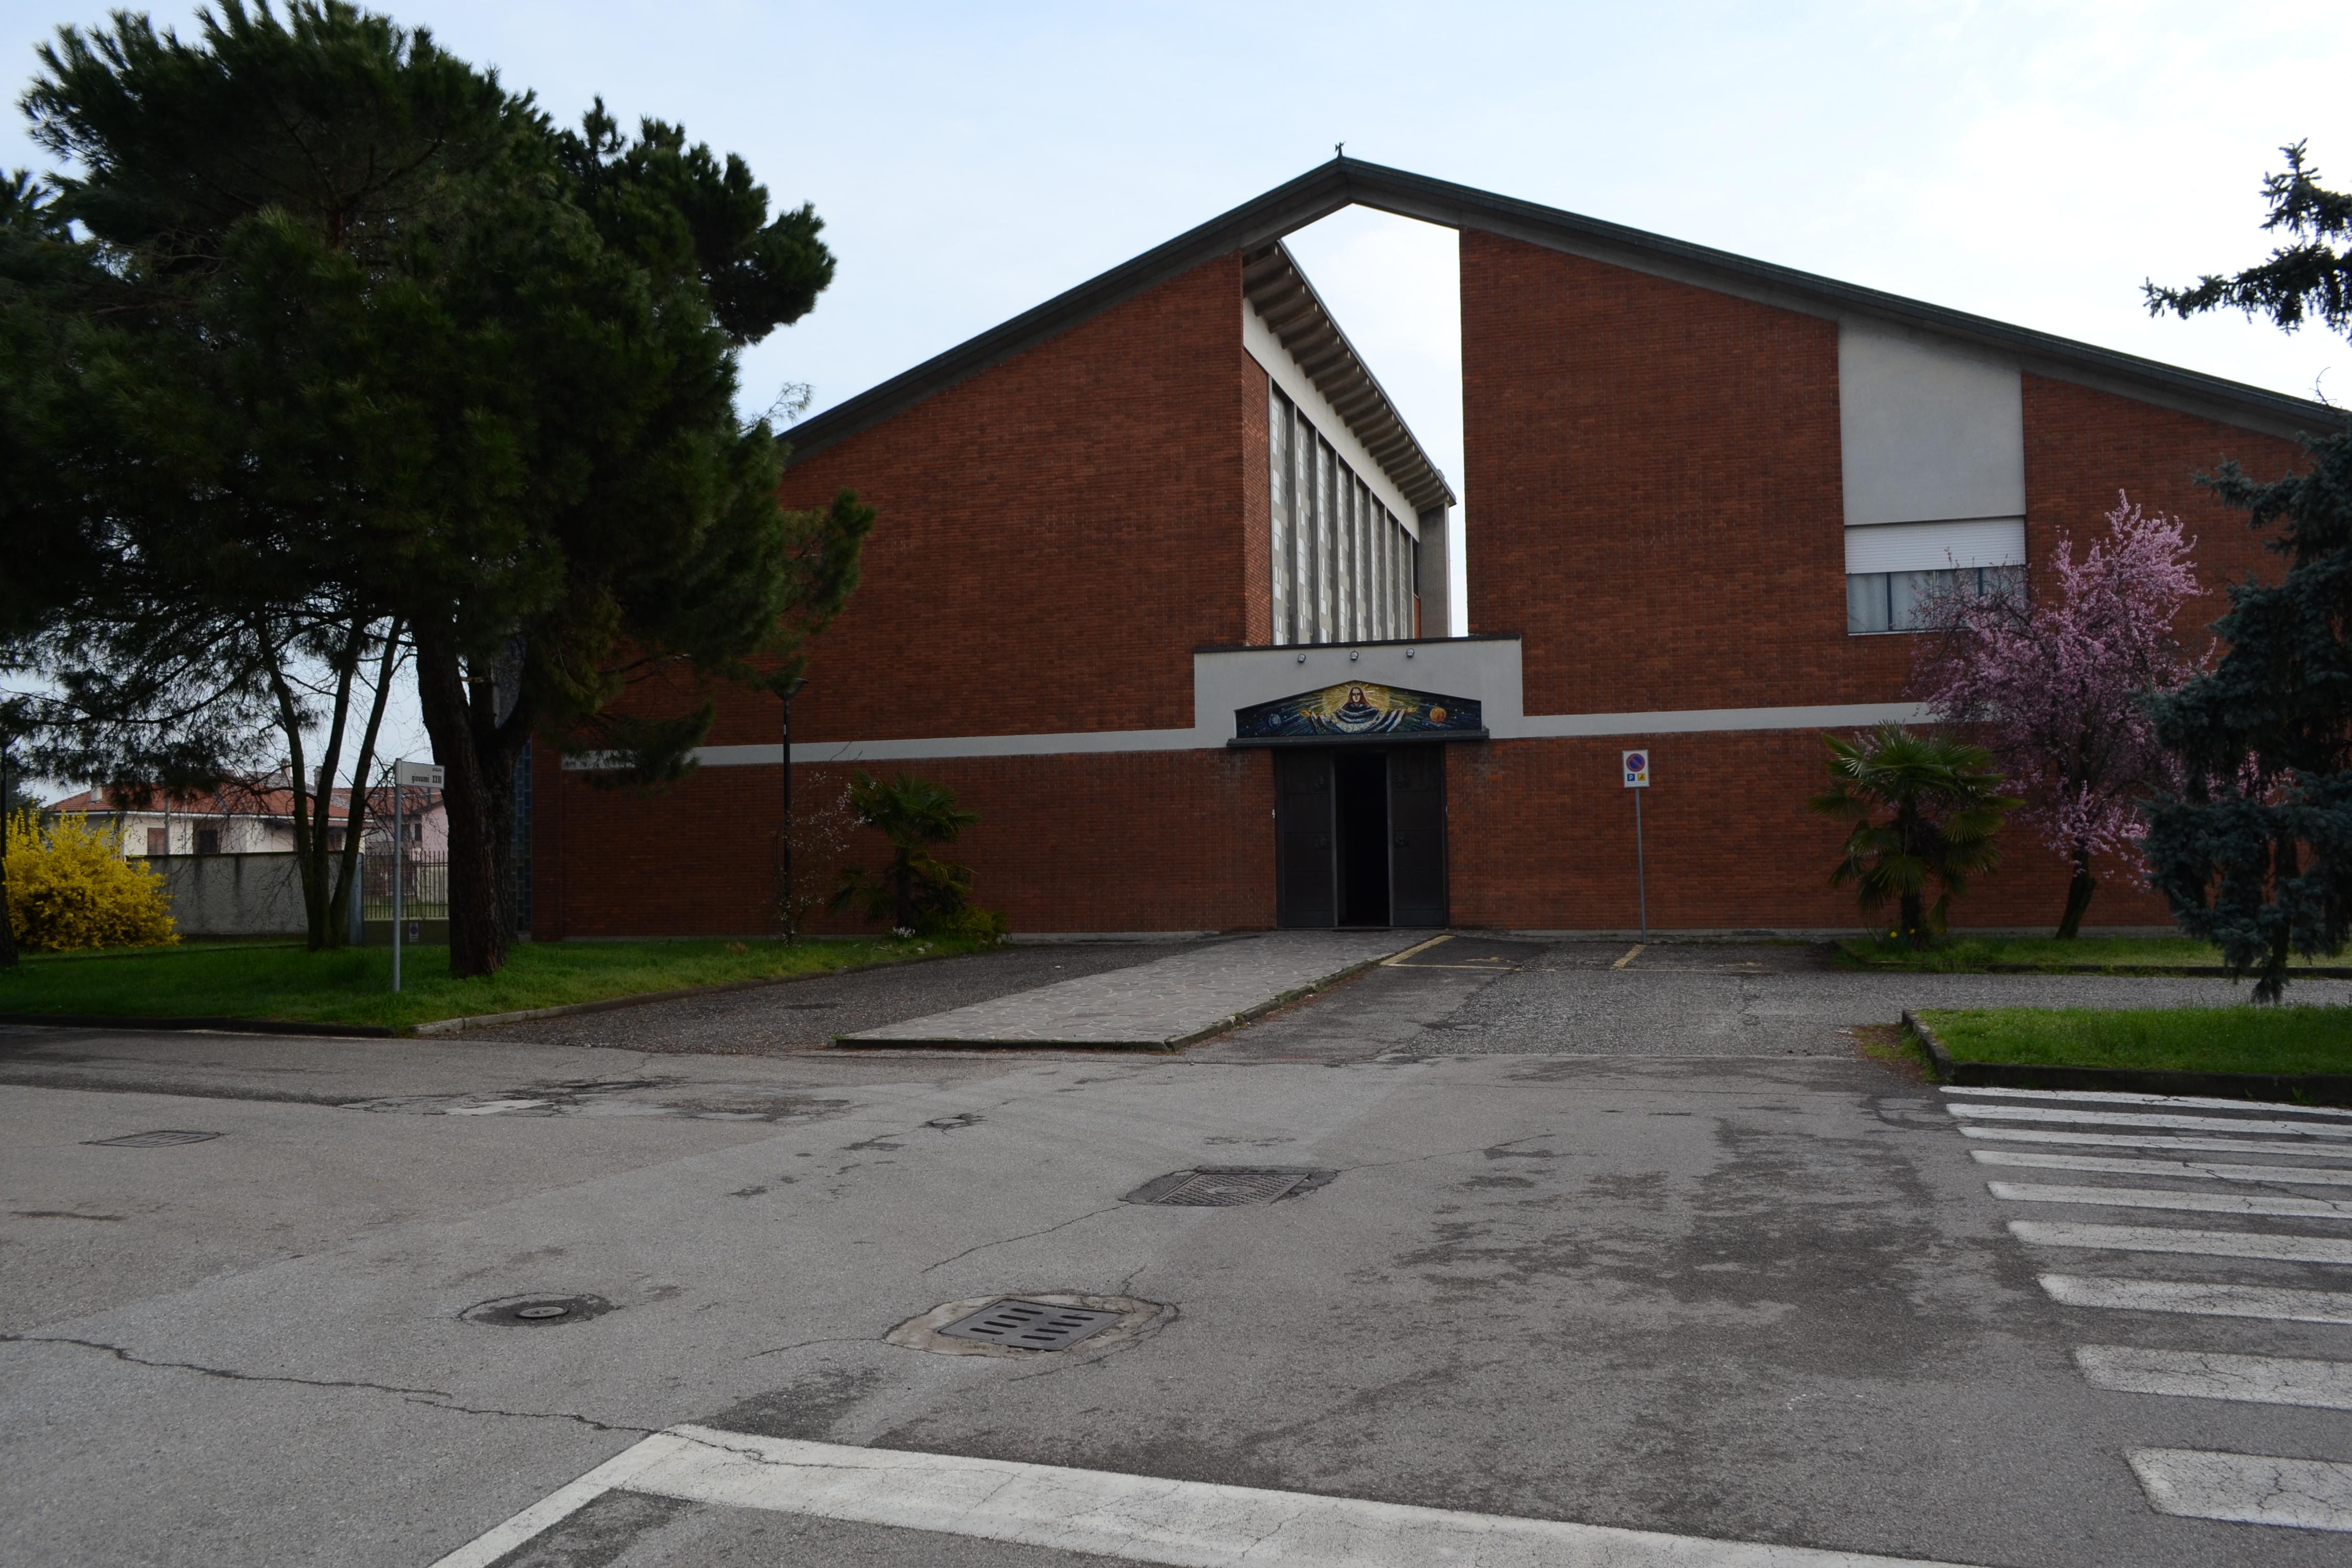 Furato, Piazza Giovanni XXII, Chiesa Santa Maria Nascente